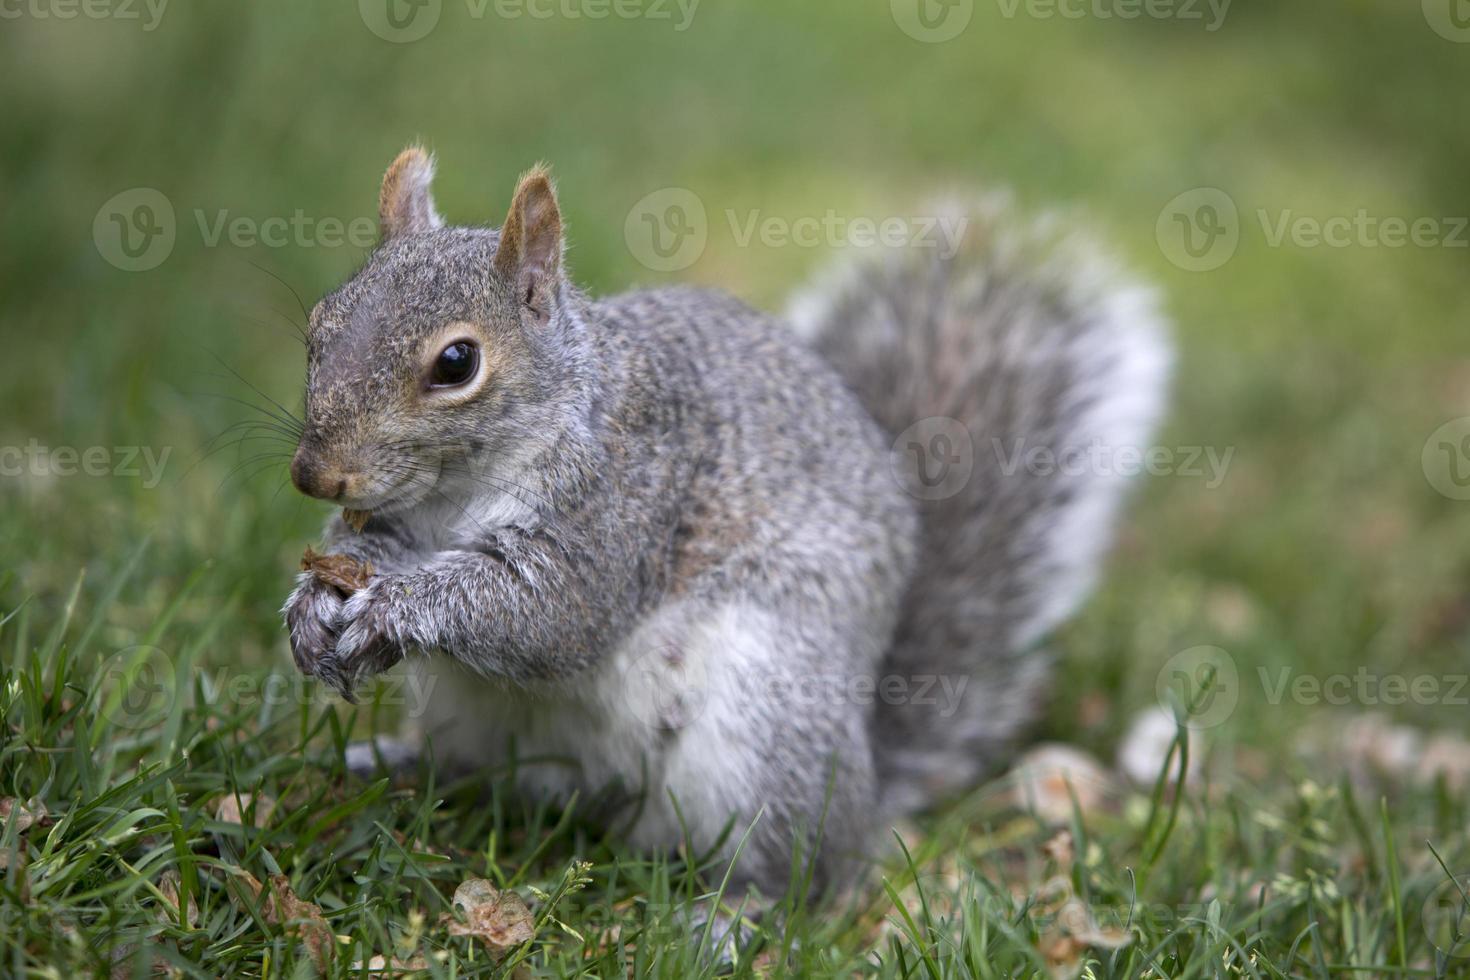 Ardilla de árbol gris alimentándose en el suelo foto